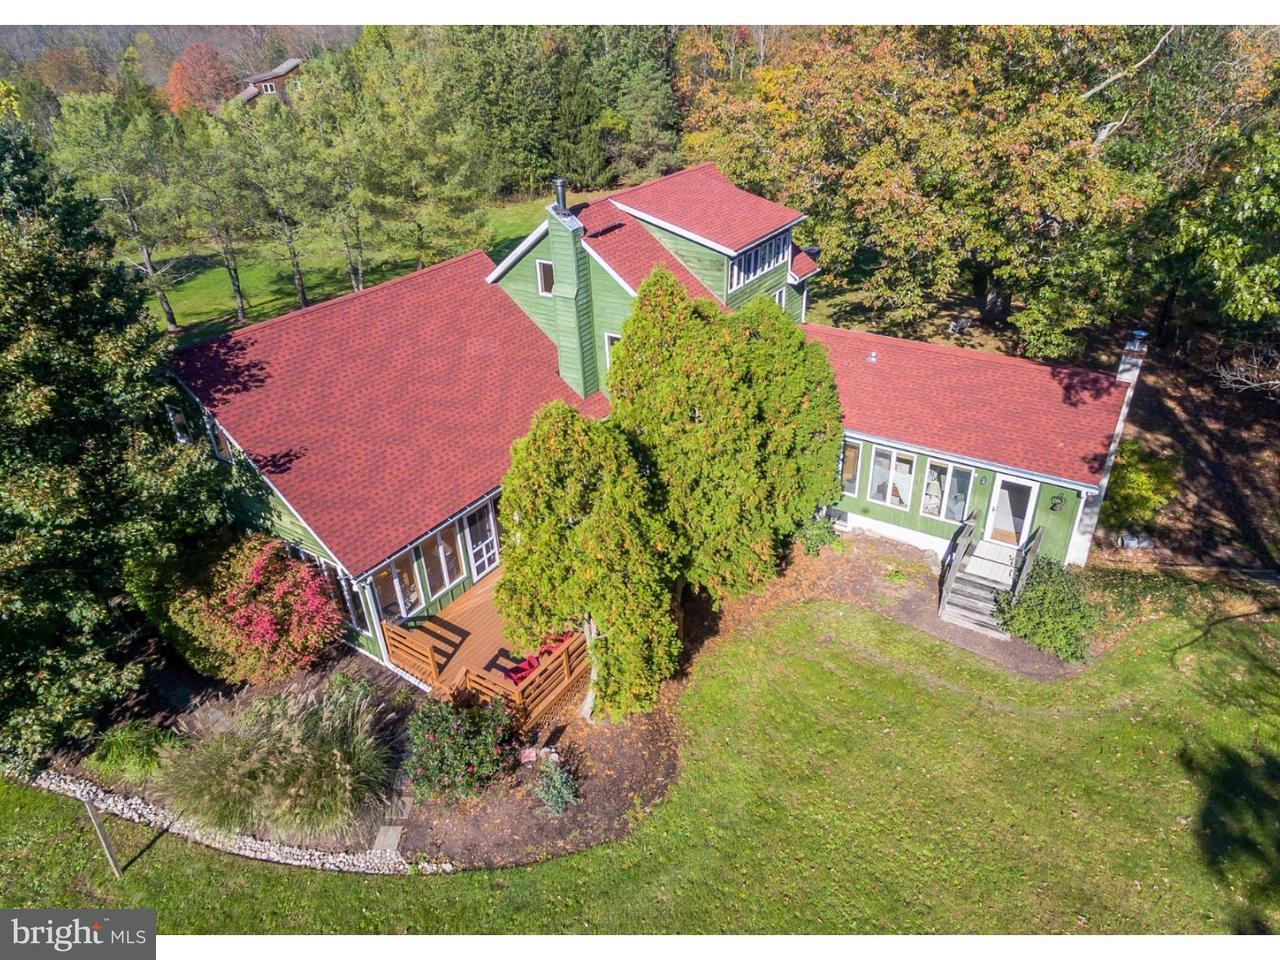 Частный односемейный дом для того Продажа на 408 SALFORD STATION Road Perkiomenville, Пенсильвания 18074 Соединенные Штаты